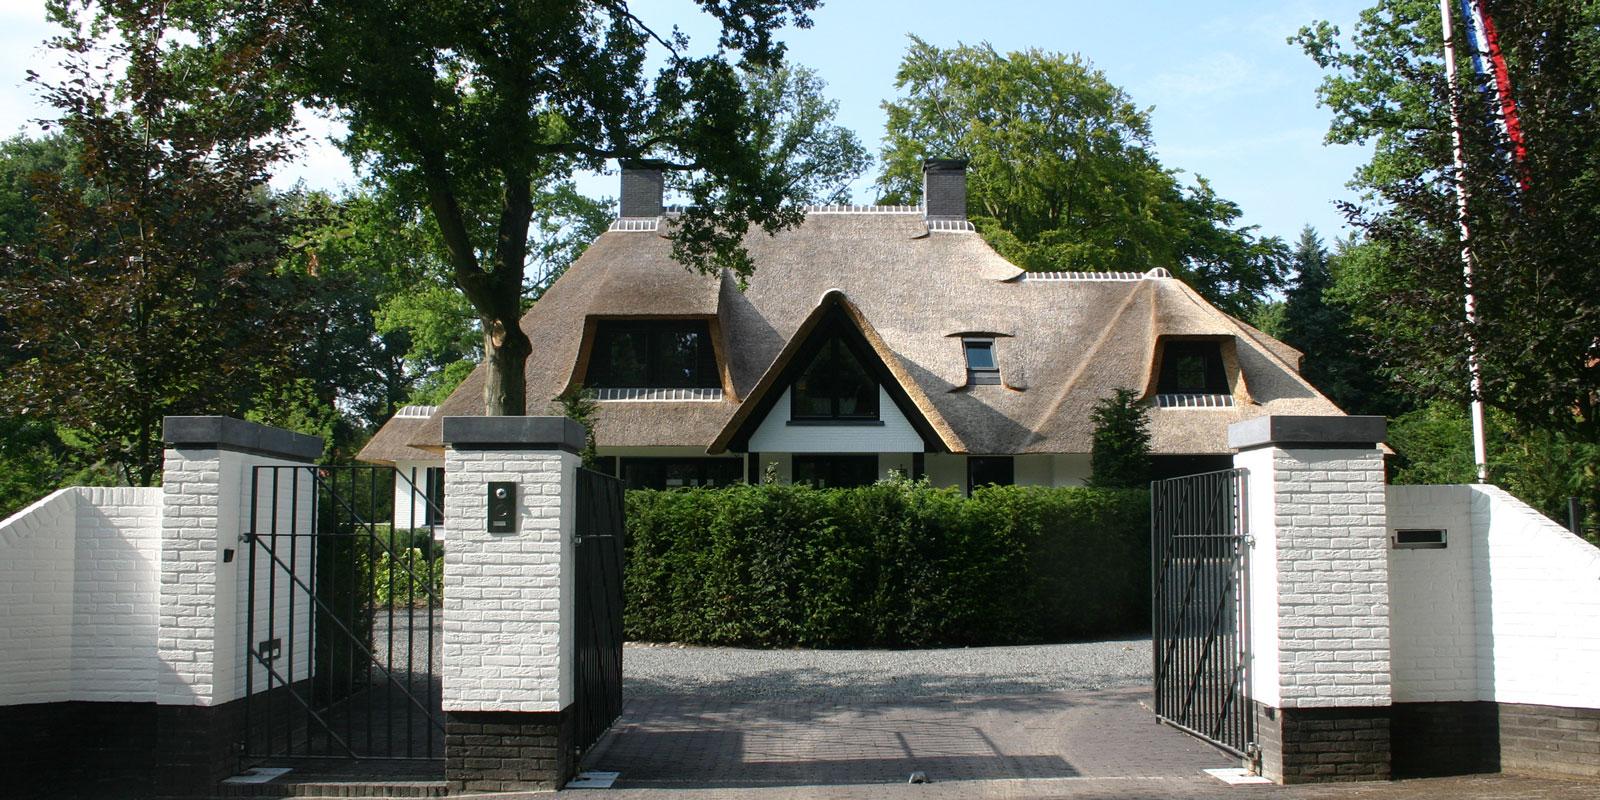 Riante villa | Leeflang Architectuur